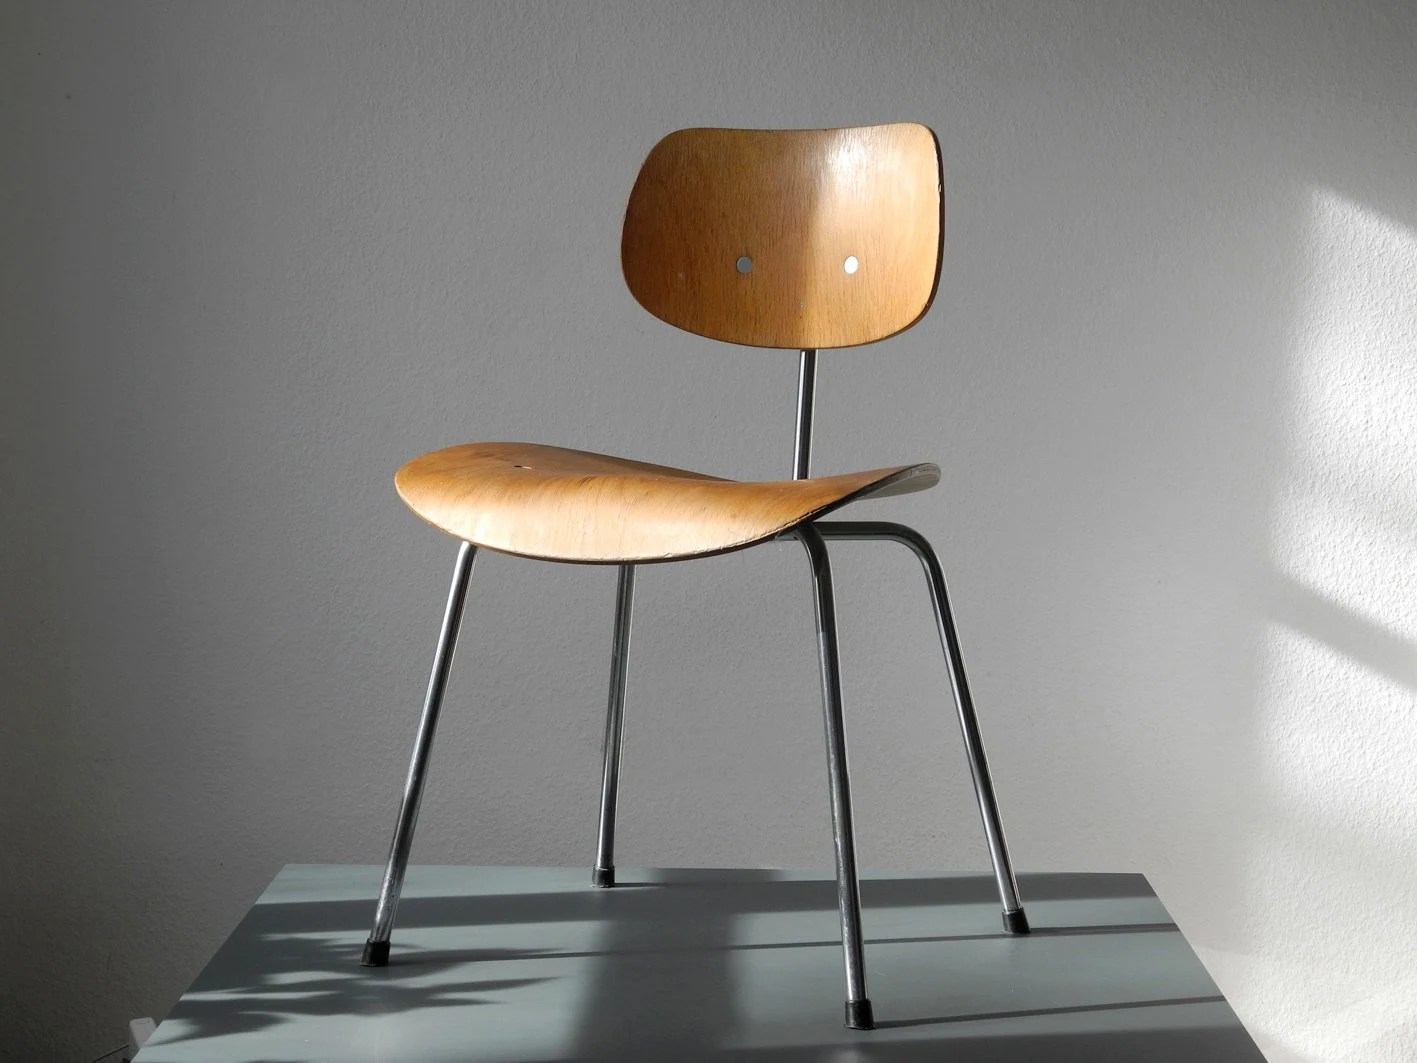 original 70er jahre egon eiermann se 68 stuhl mit seltenem. Black Bedroom Furniture Sets. Home Design Ideas